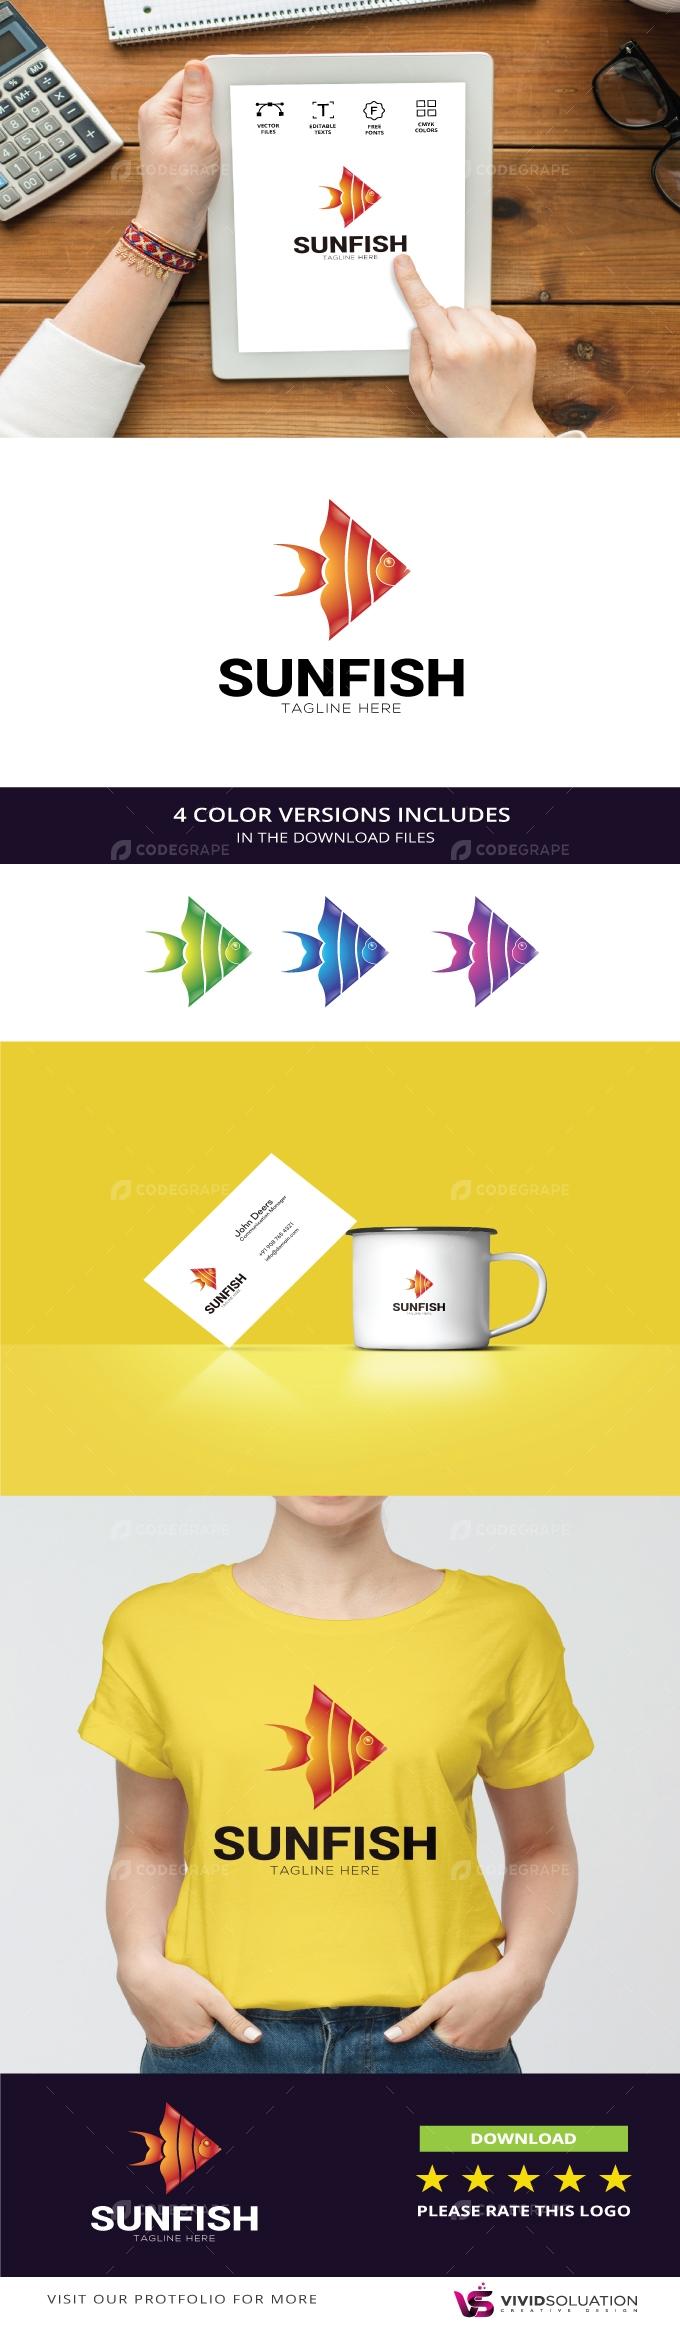 Sunfish Logo Design